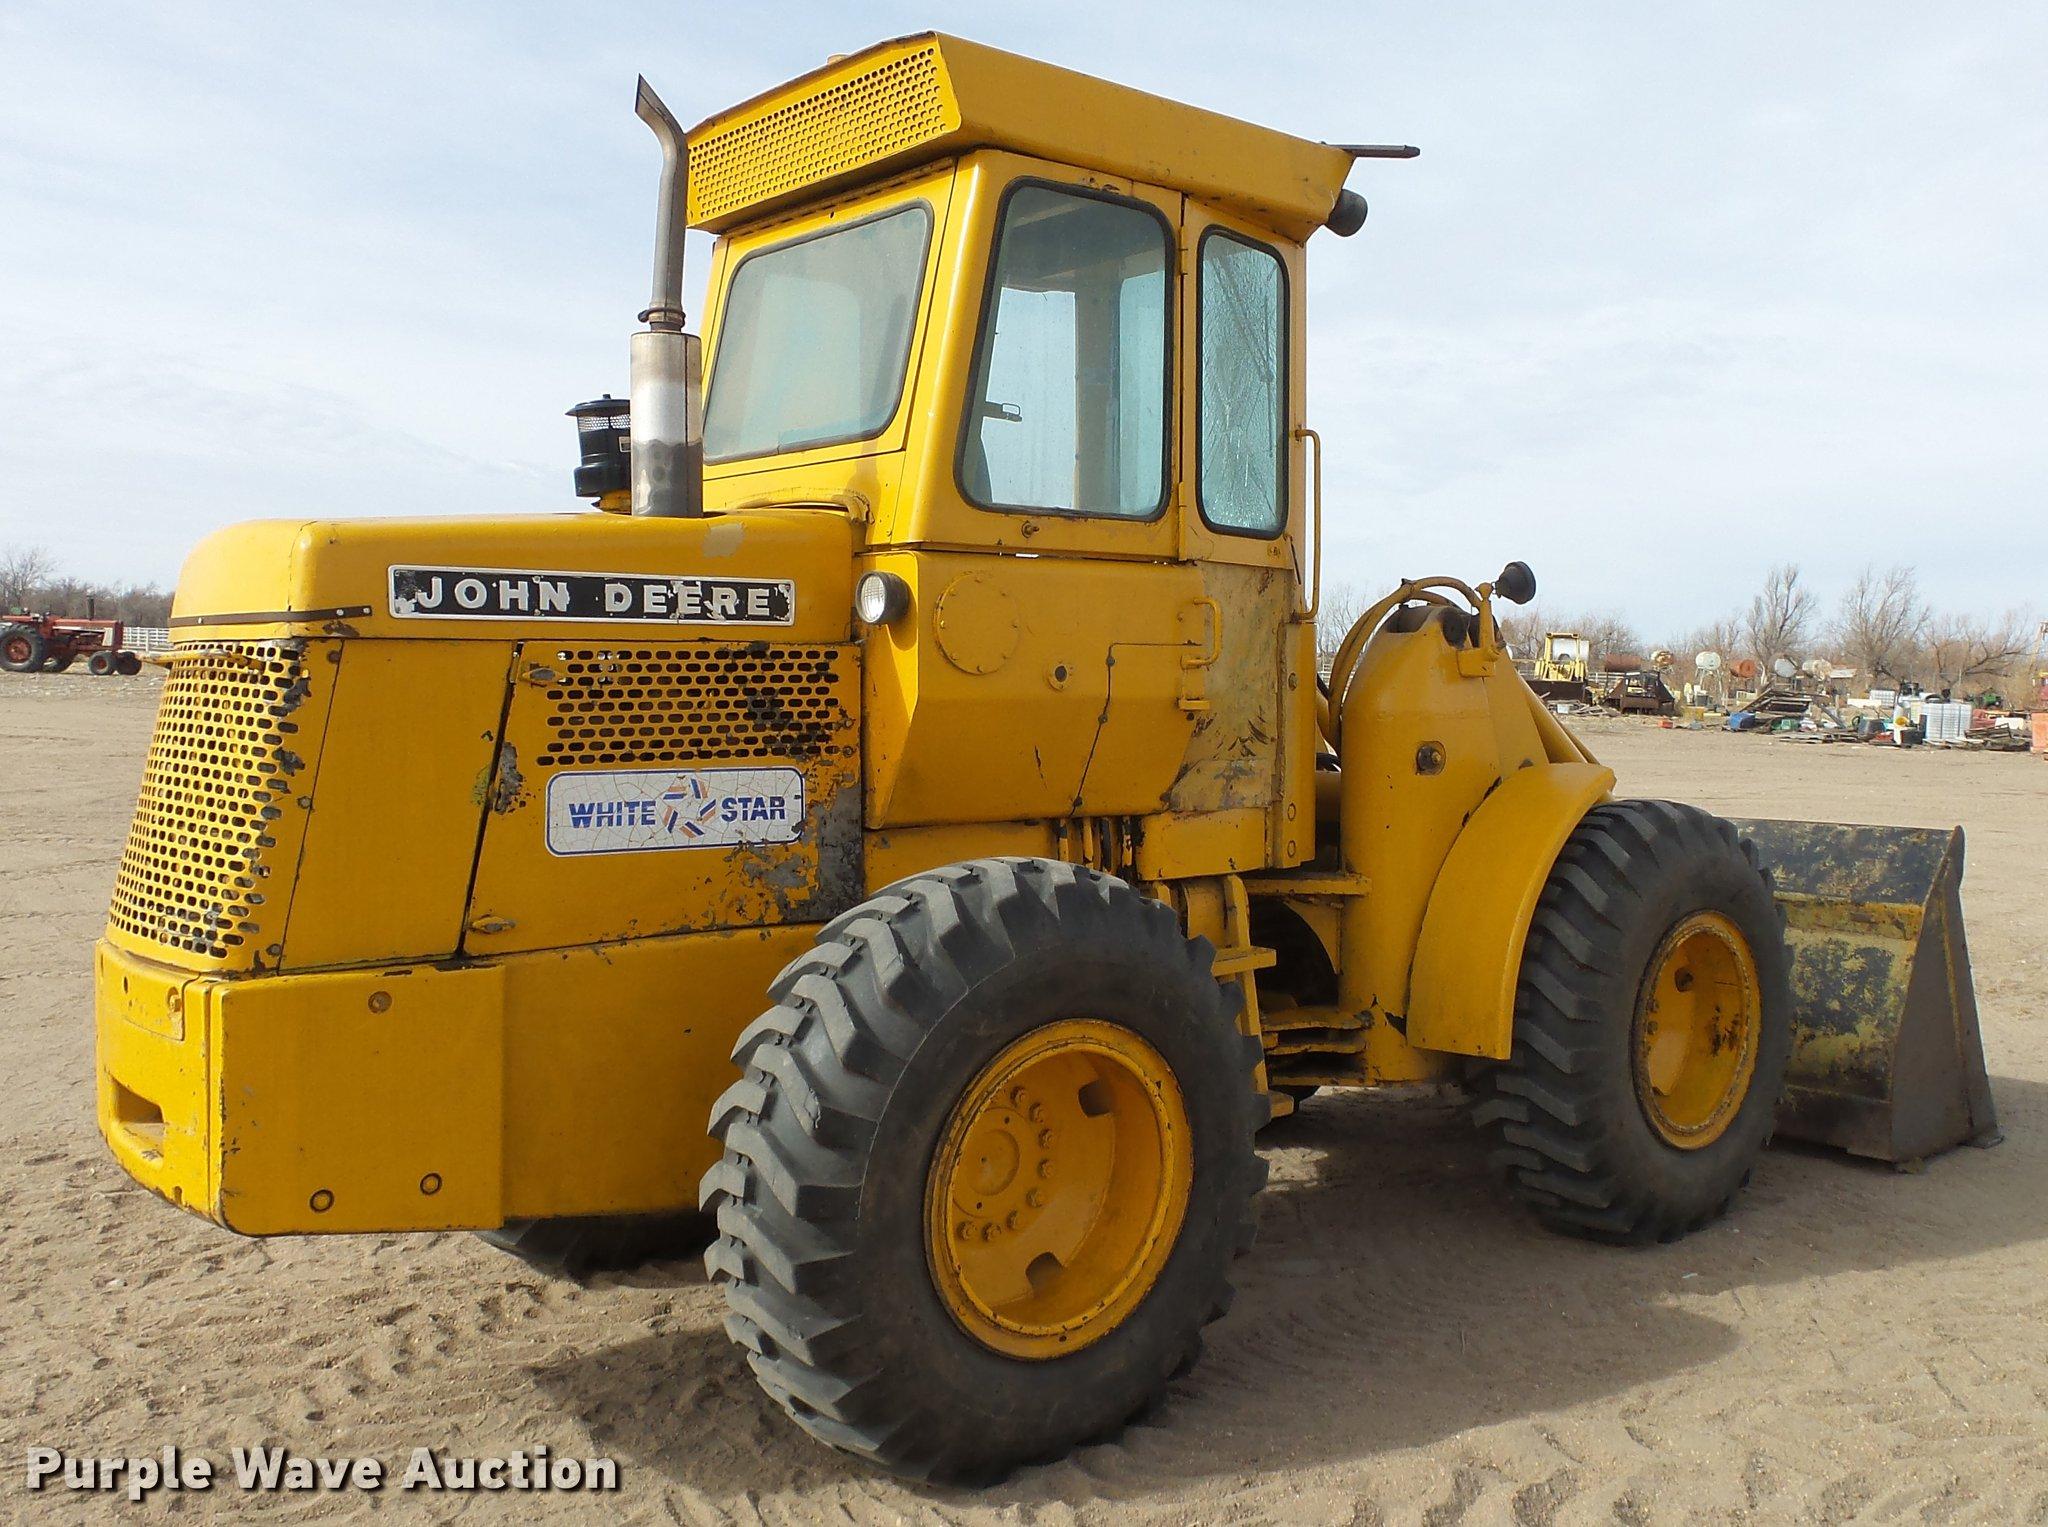 ... John Deere 544A wheel loader Full size in new window ...